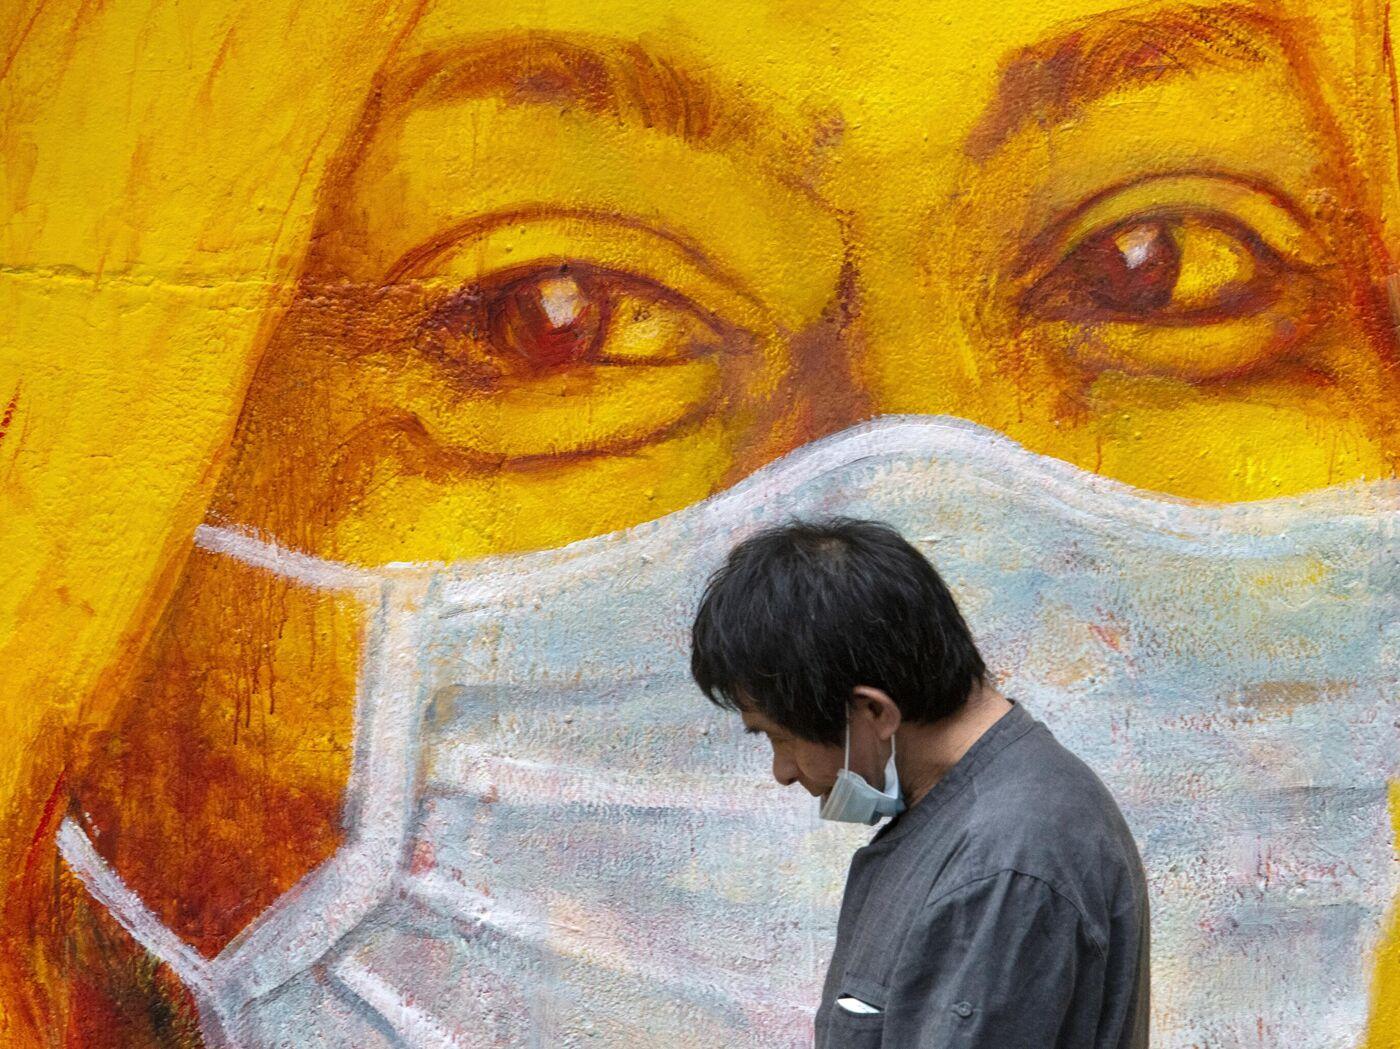 Психолог рассказал, как убедить COVID-диссидентов носить маски - РИА  Новости, 09.07.2020